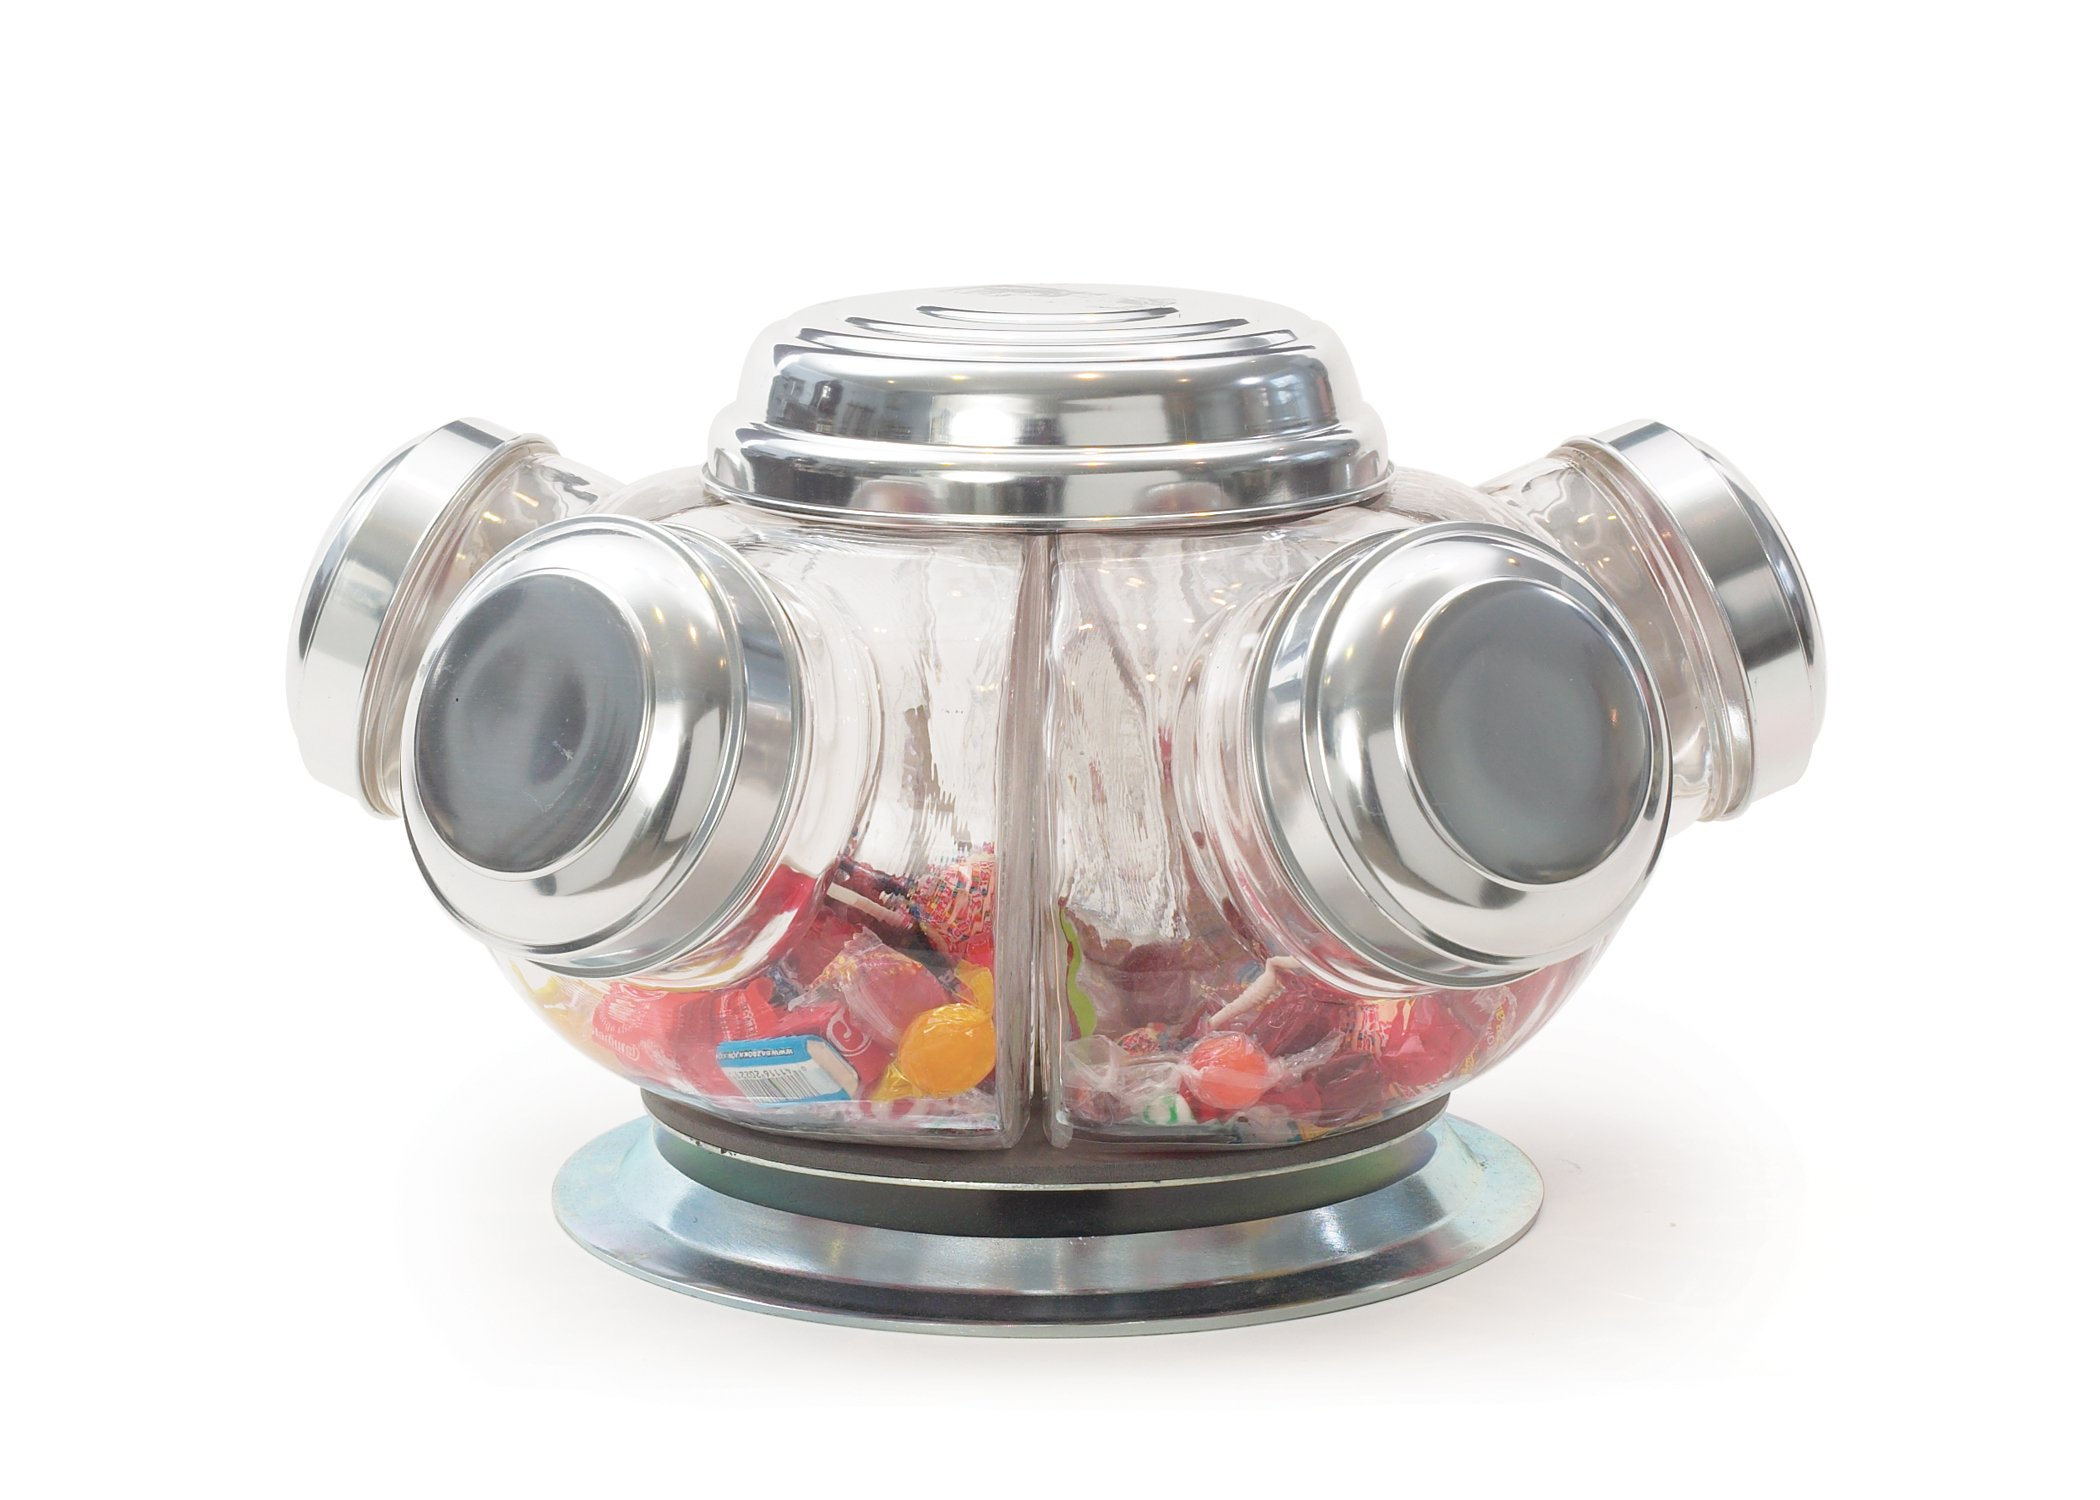 GO Home 11027 Vintage Revolving Candy Jars